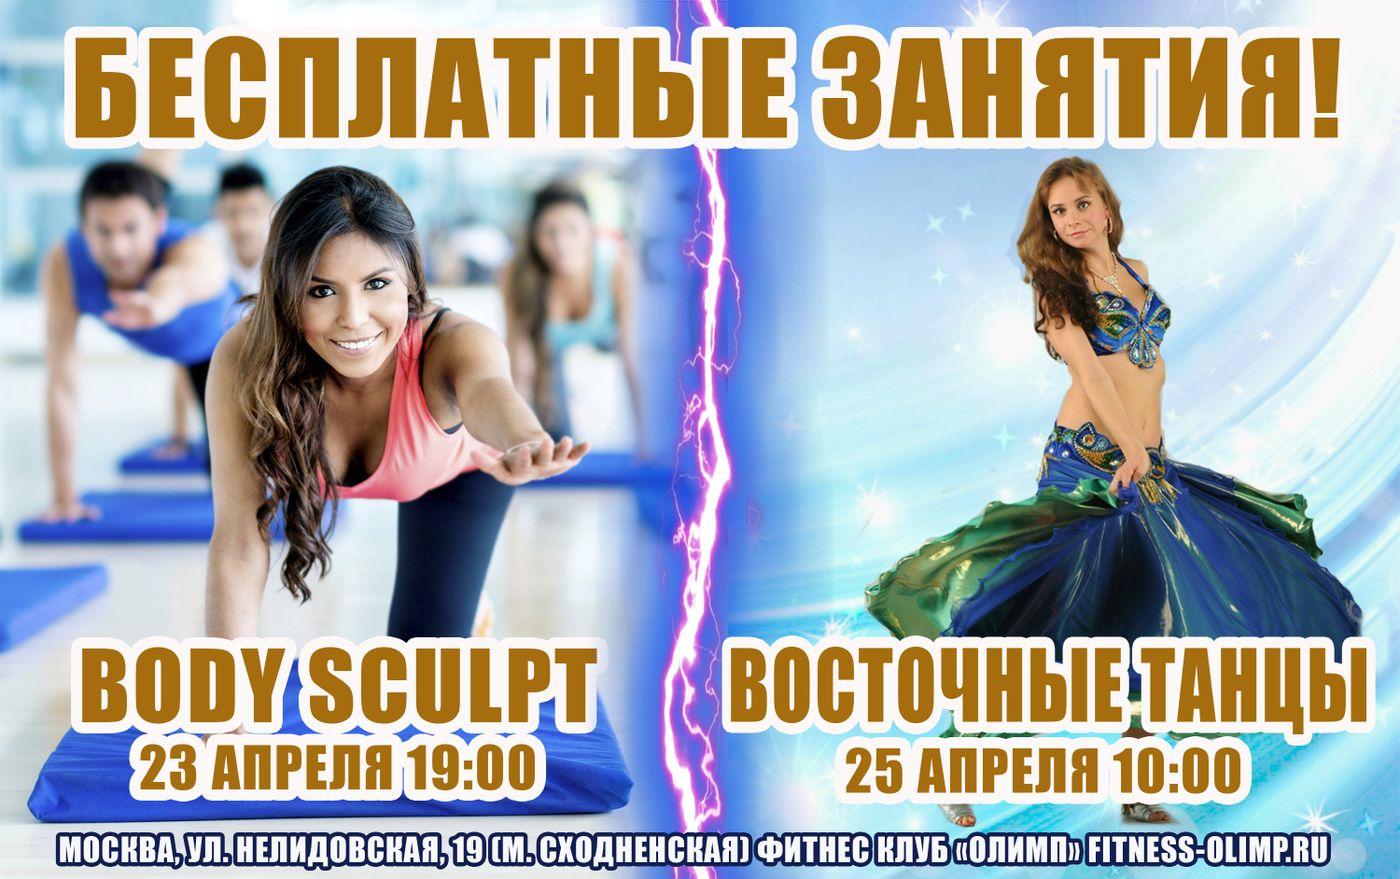 бесплатное занятие в фитнес клубах москвы